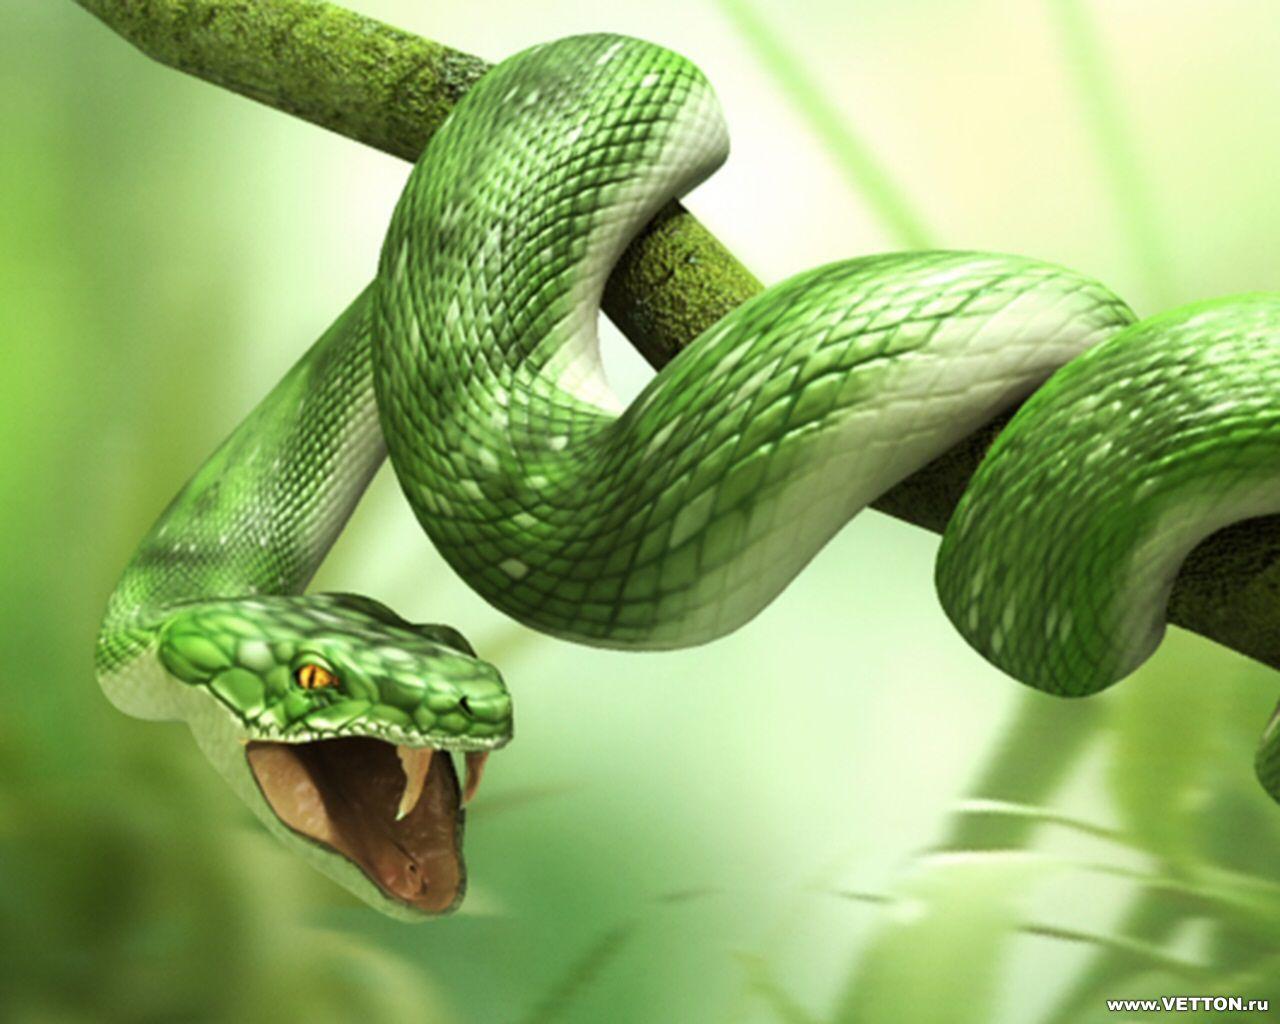 Змея, на дереве, фото, обои для рабочего стола, скачать бесплатно